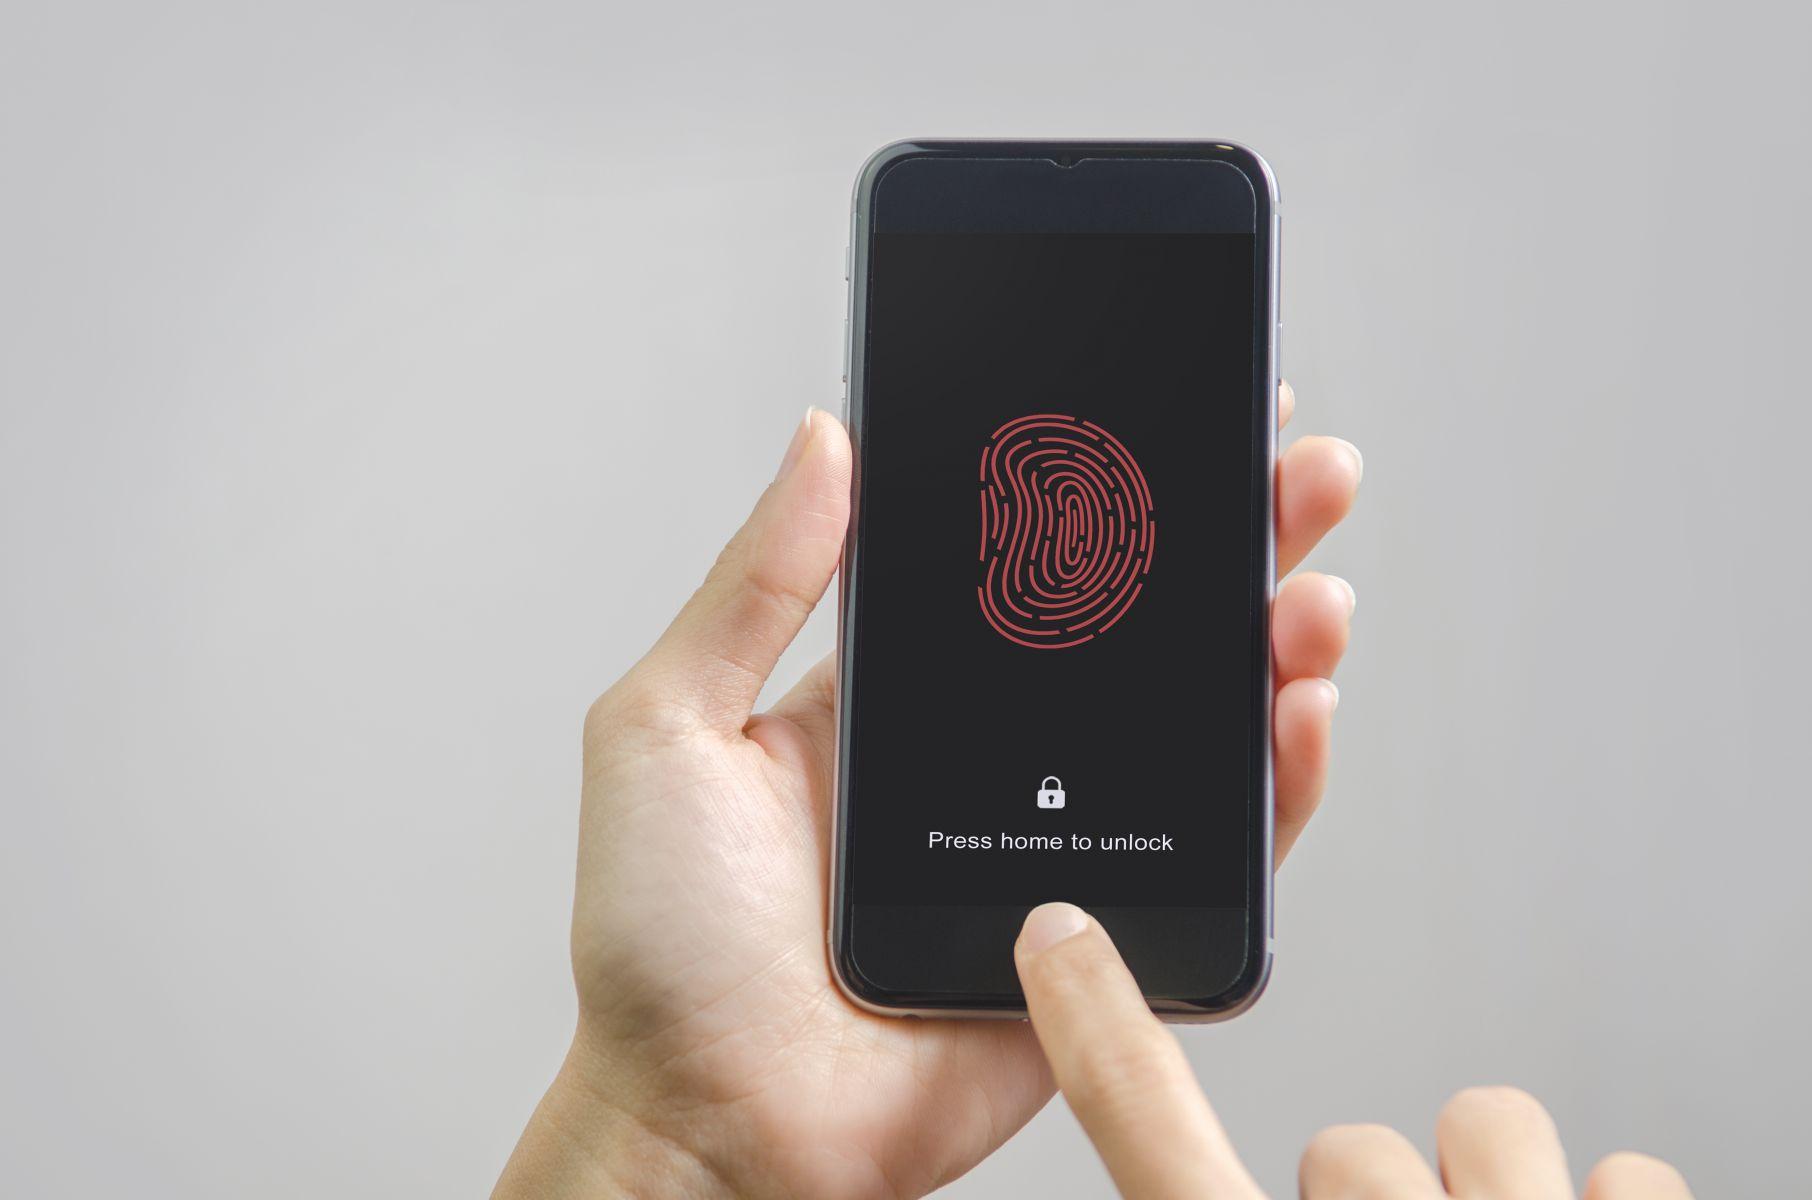 今年螢幕指紋手機出貨暴增10倍 郭明錤:看好新鉅科與匯頂